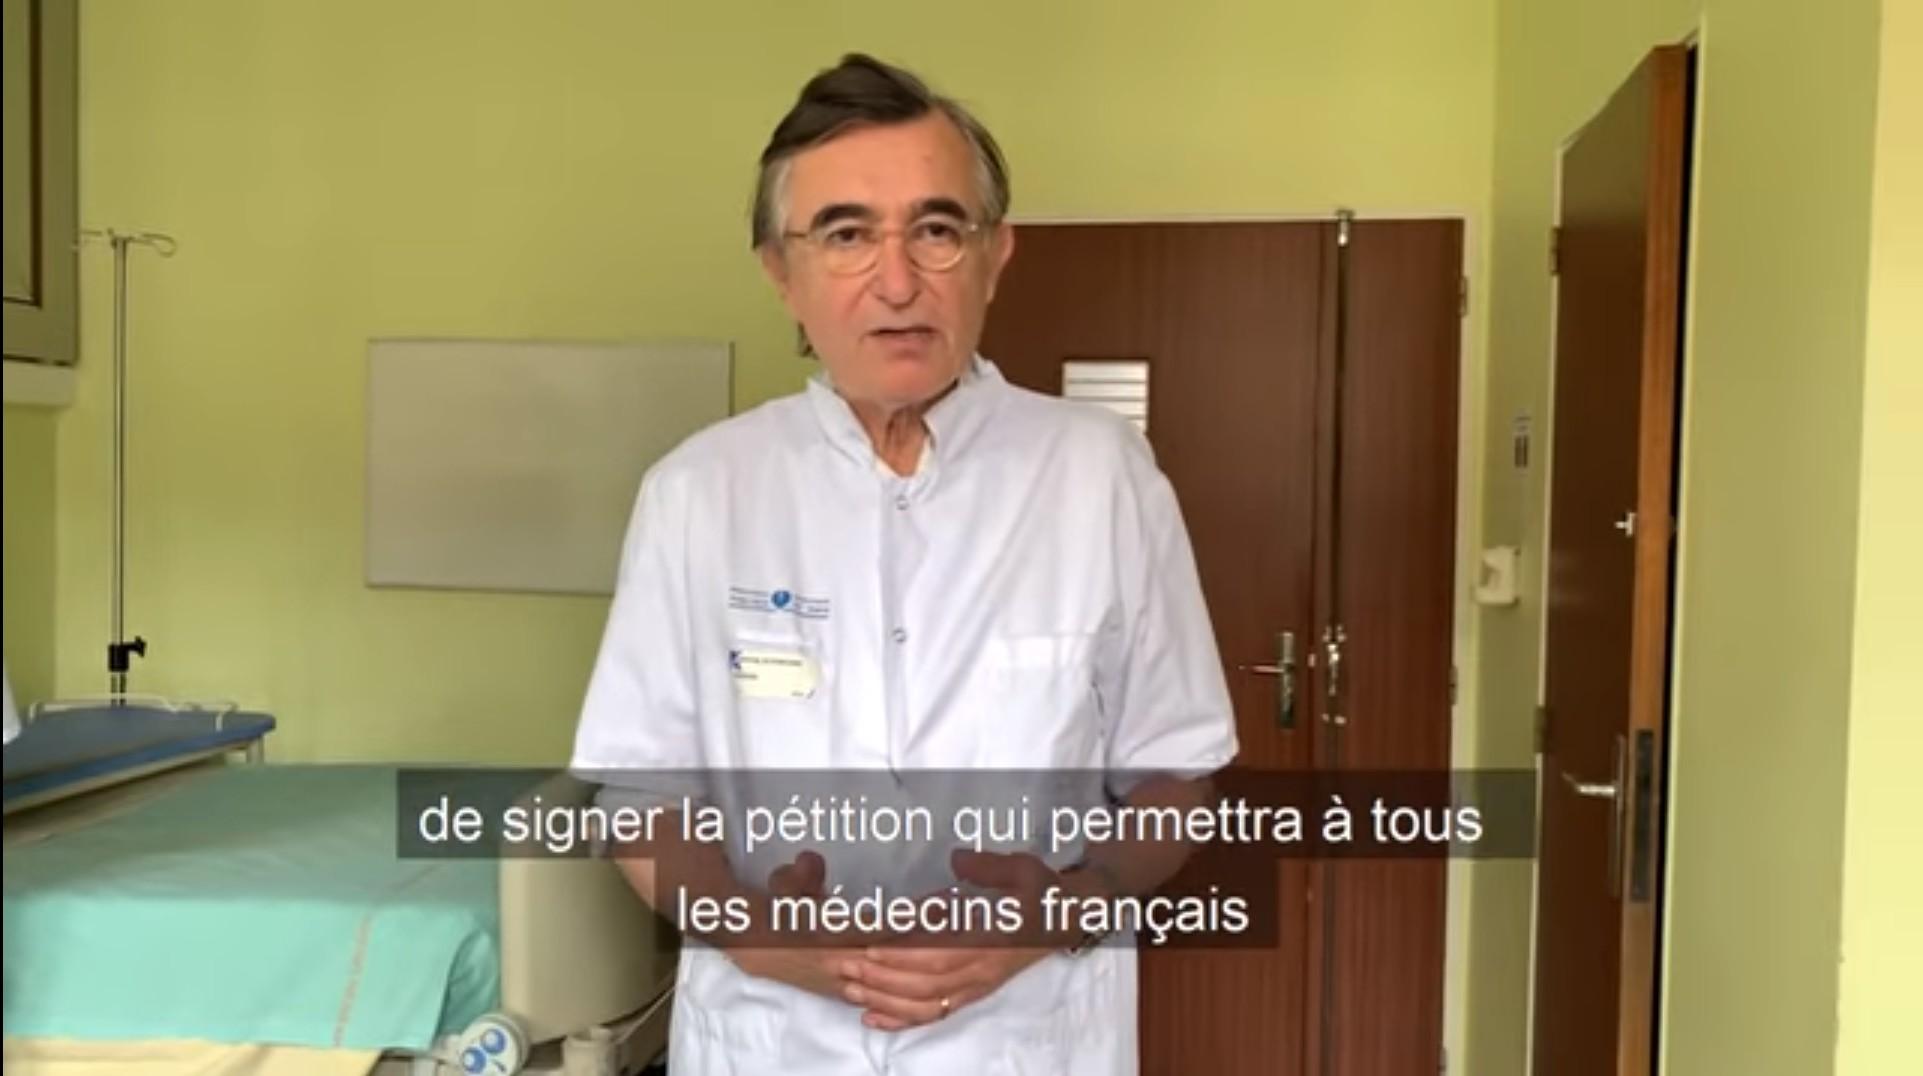 douste-blazy-petition